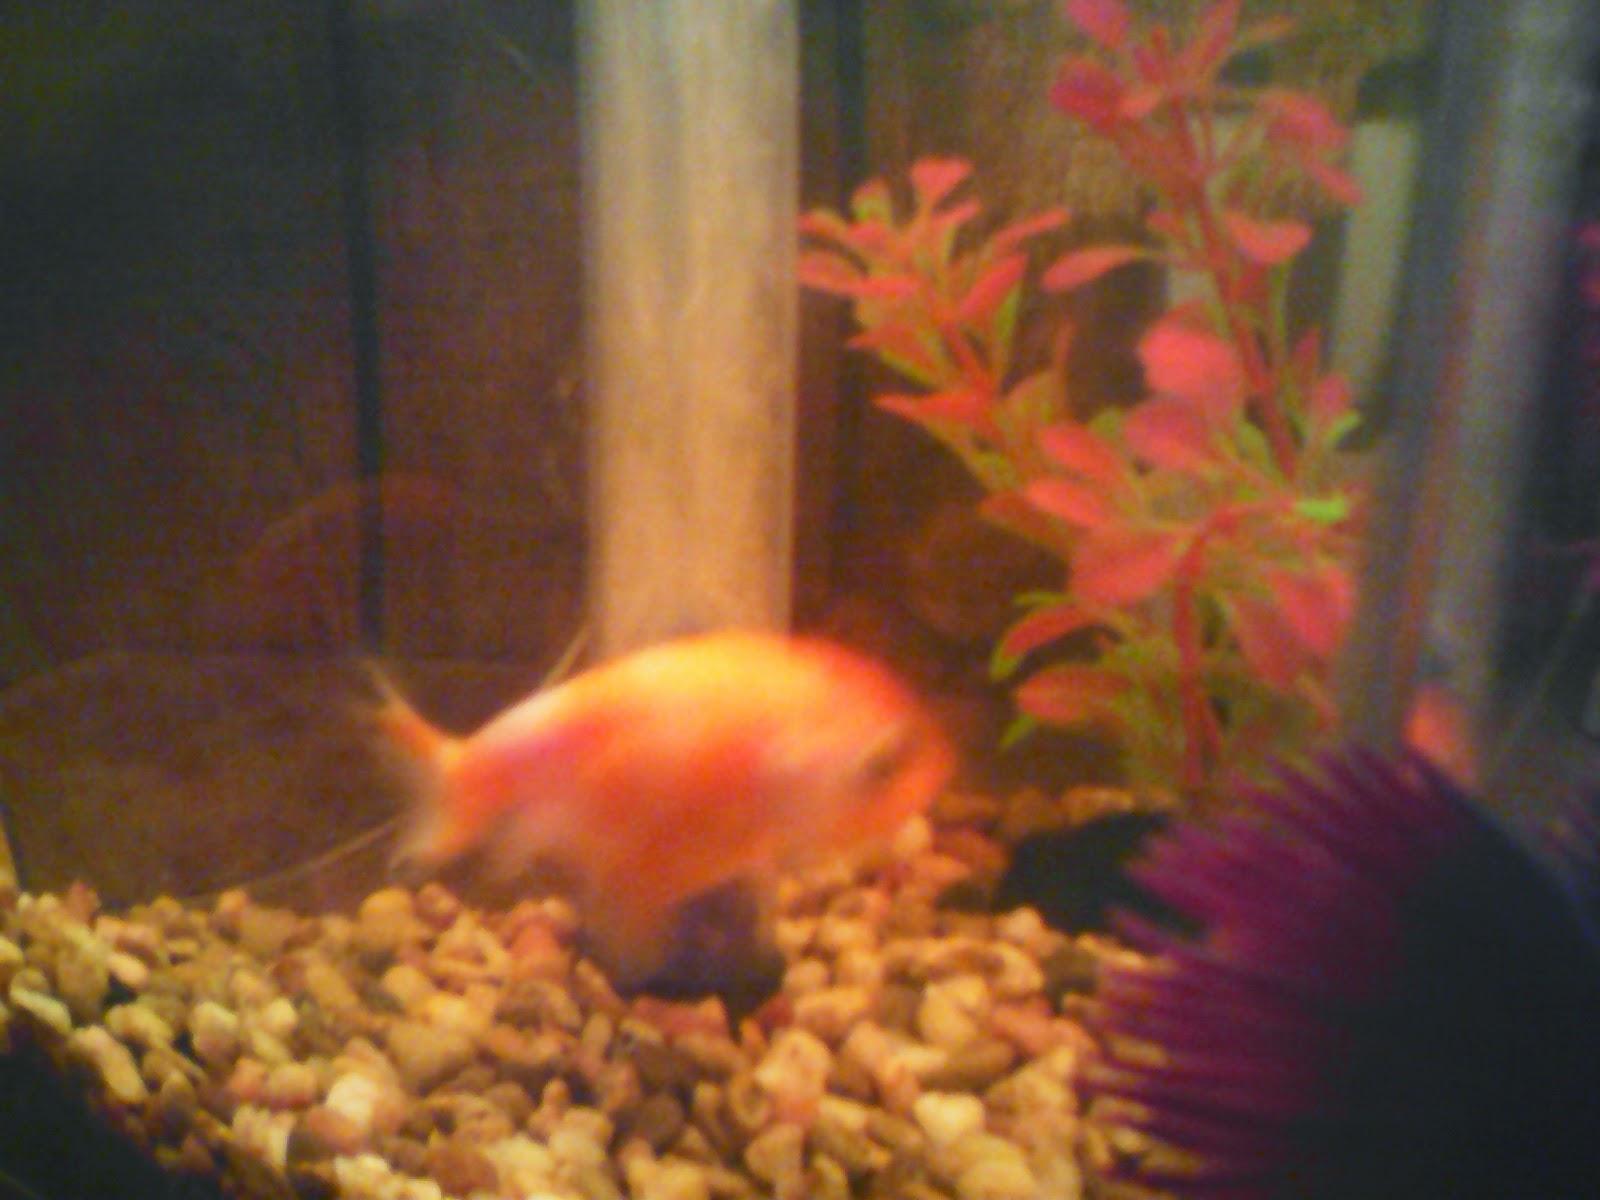 Hunsolo the fish